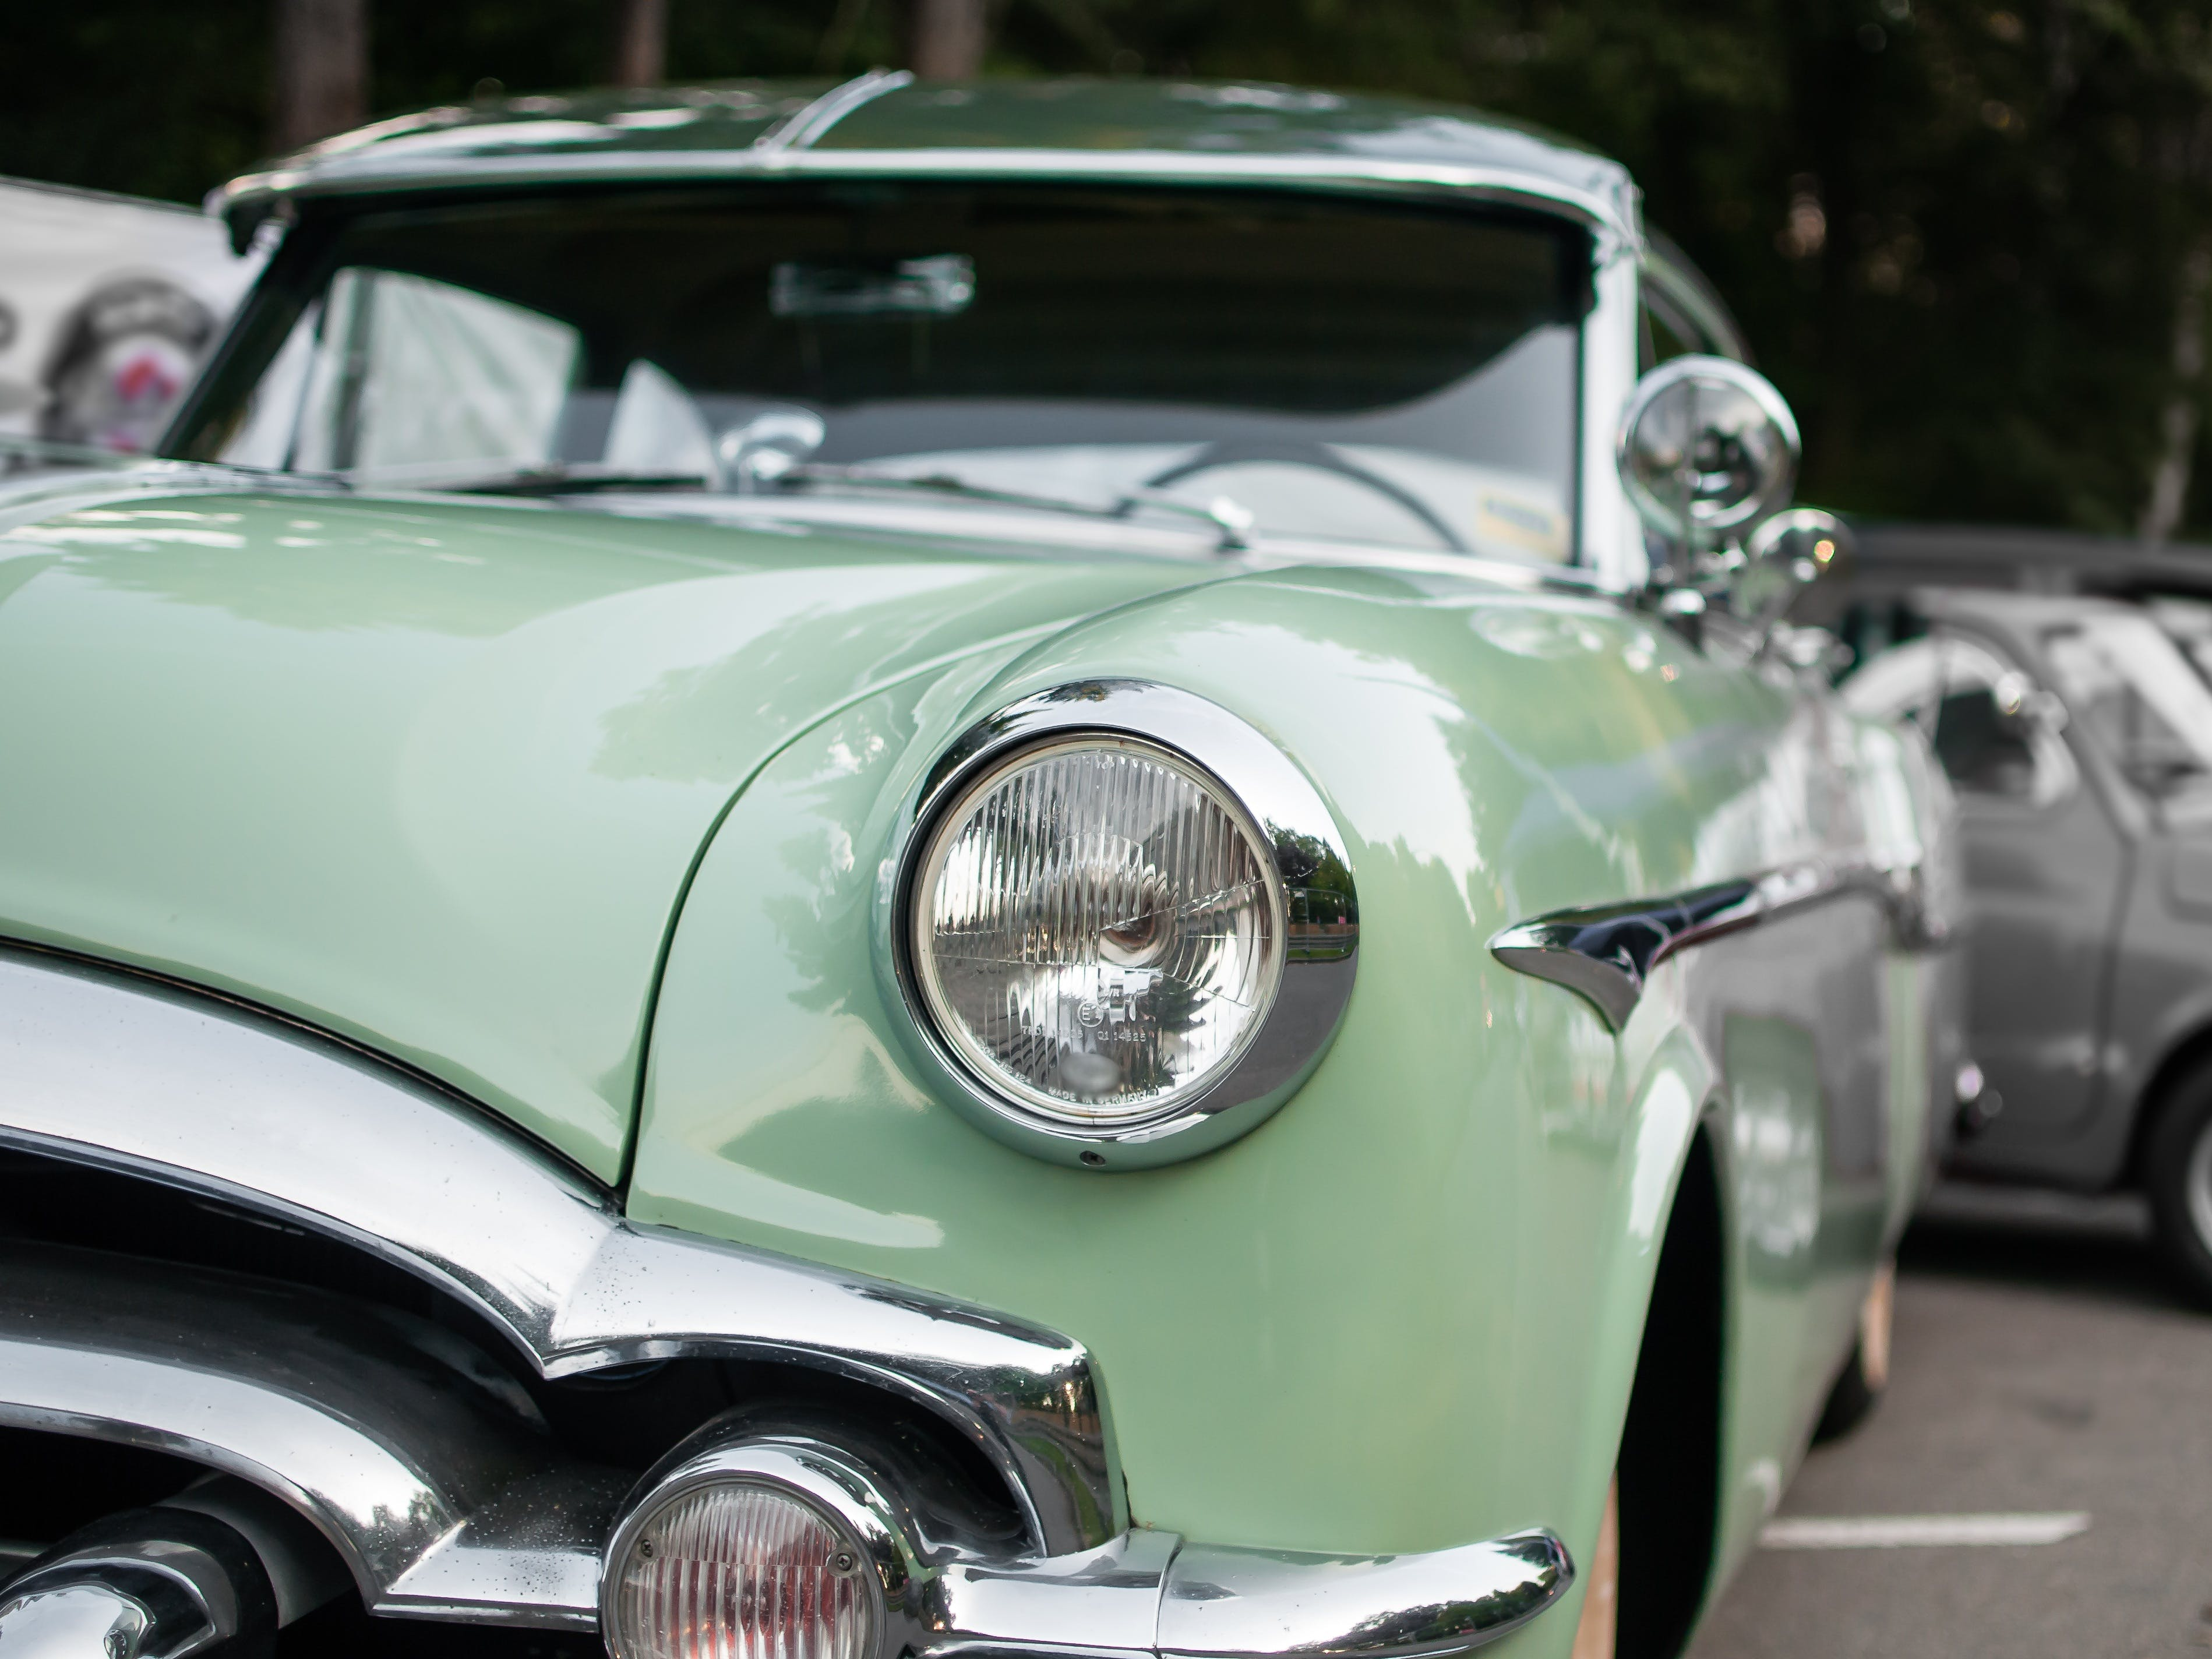 automòbil, automoció, clàssic